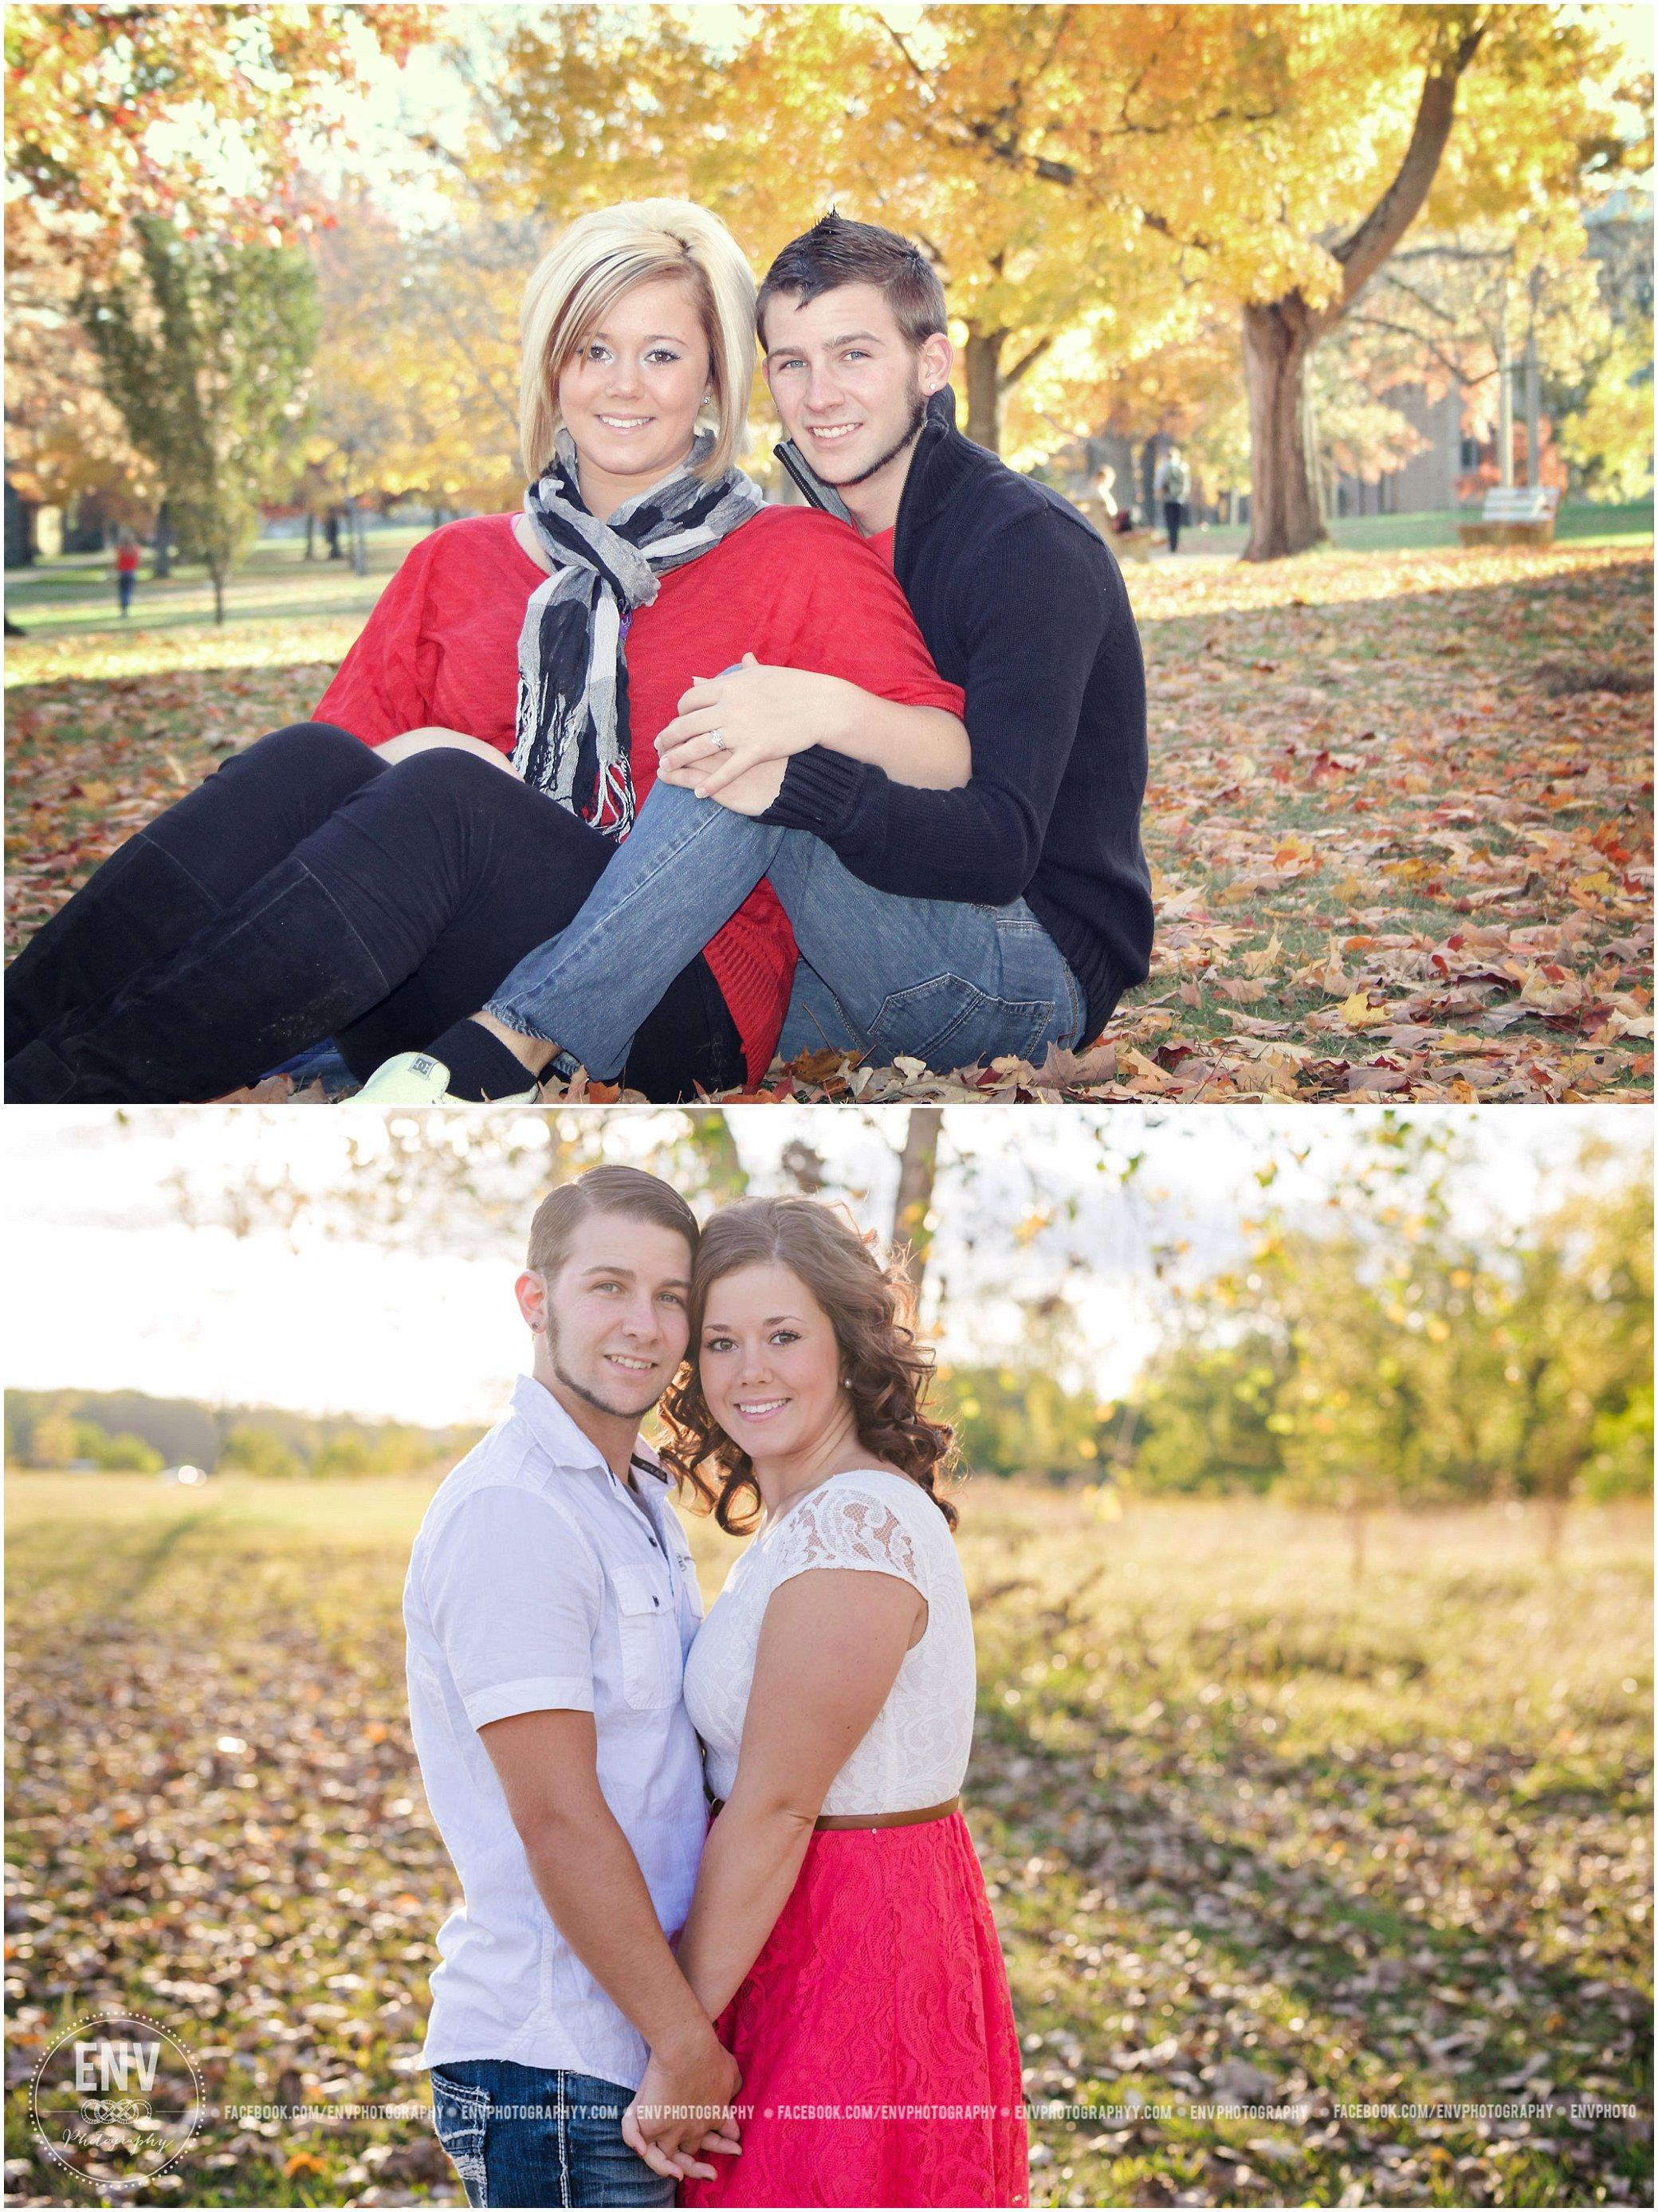 TOP IMAGE: Fall 2013  BOTTOM IMAGE: Fall 2015